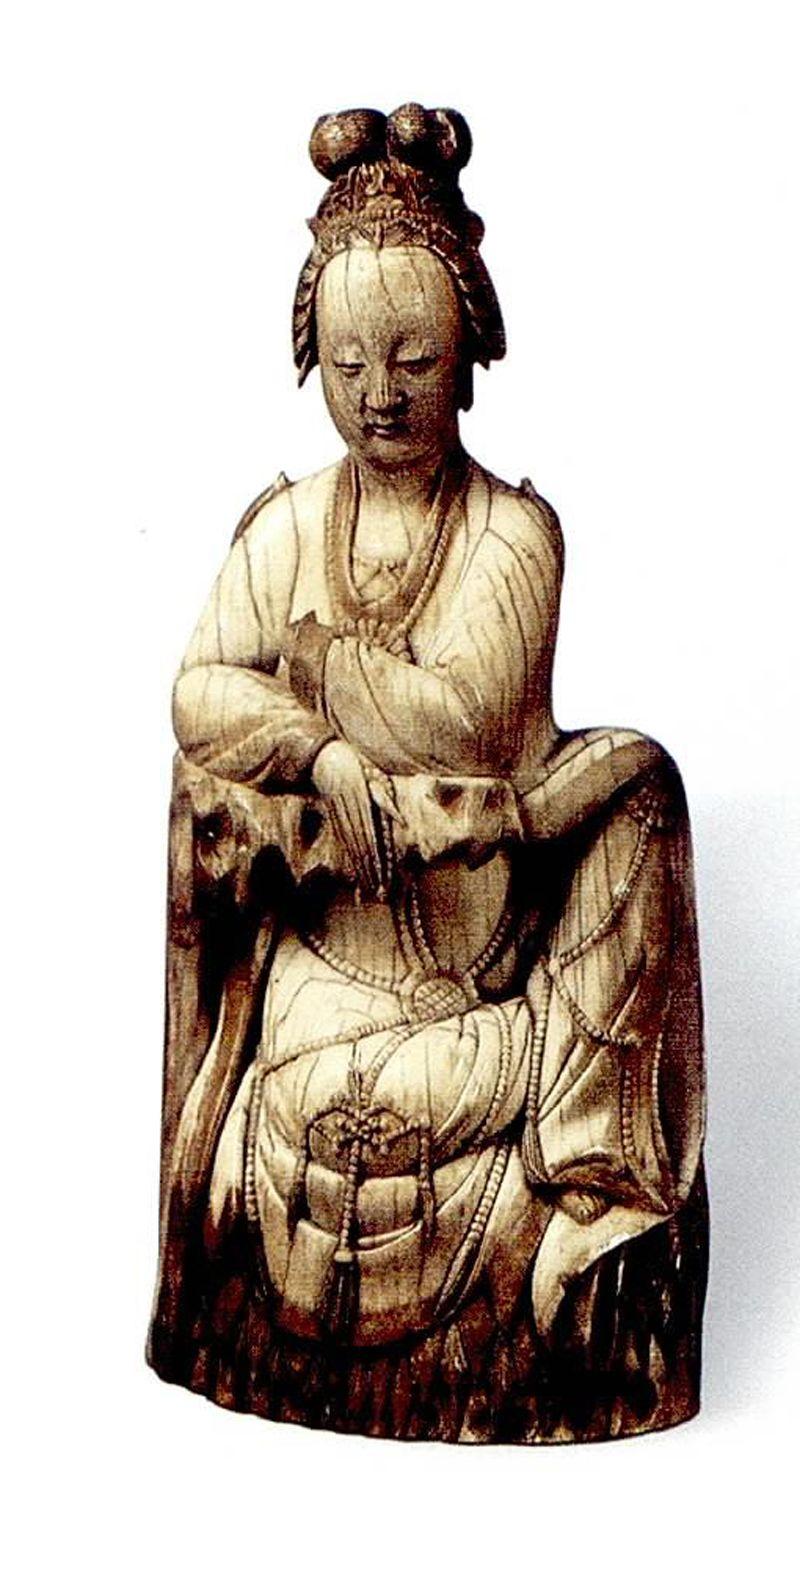 此尊造像代表了明代象牙雕刻艺术的高超技艺.